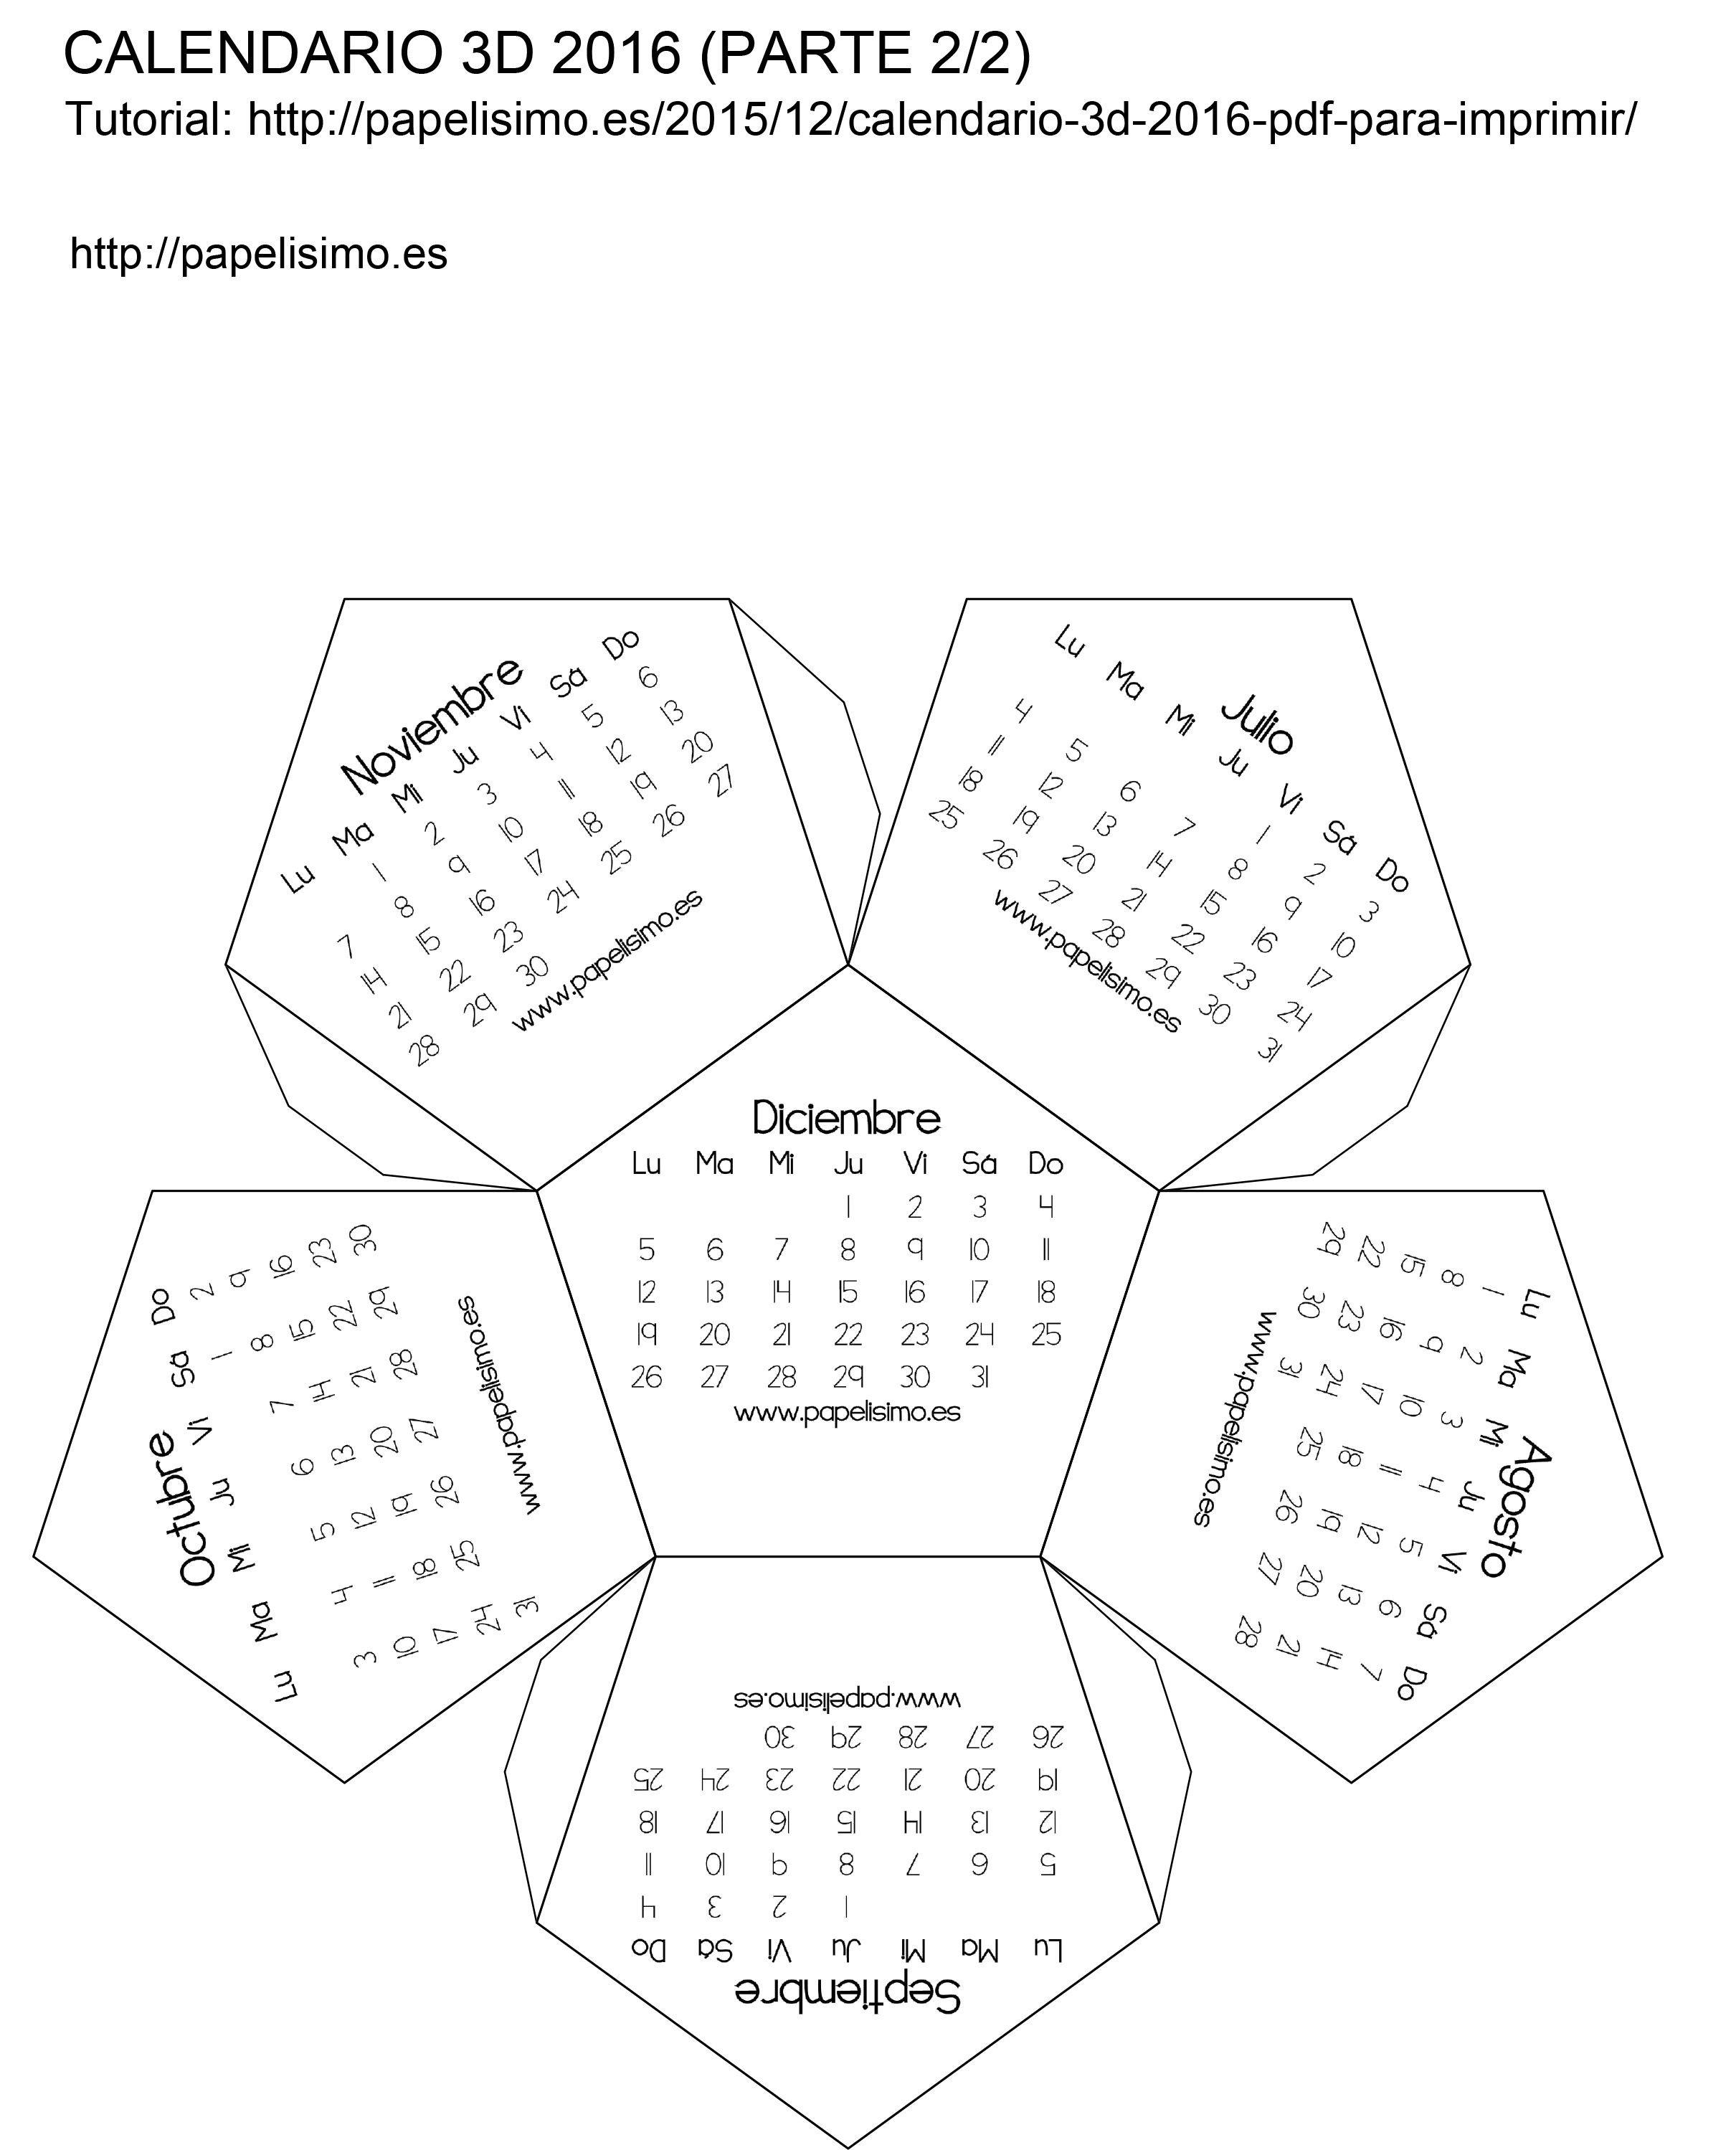 12 calendarios de descarga gratis calendarios 2016 para imprimir